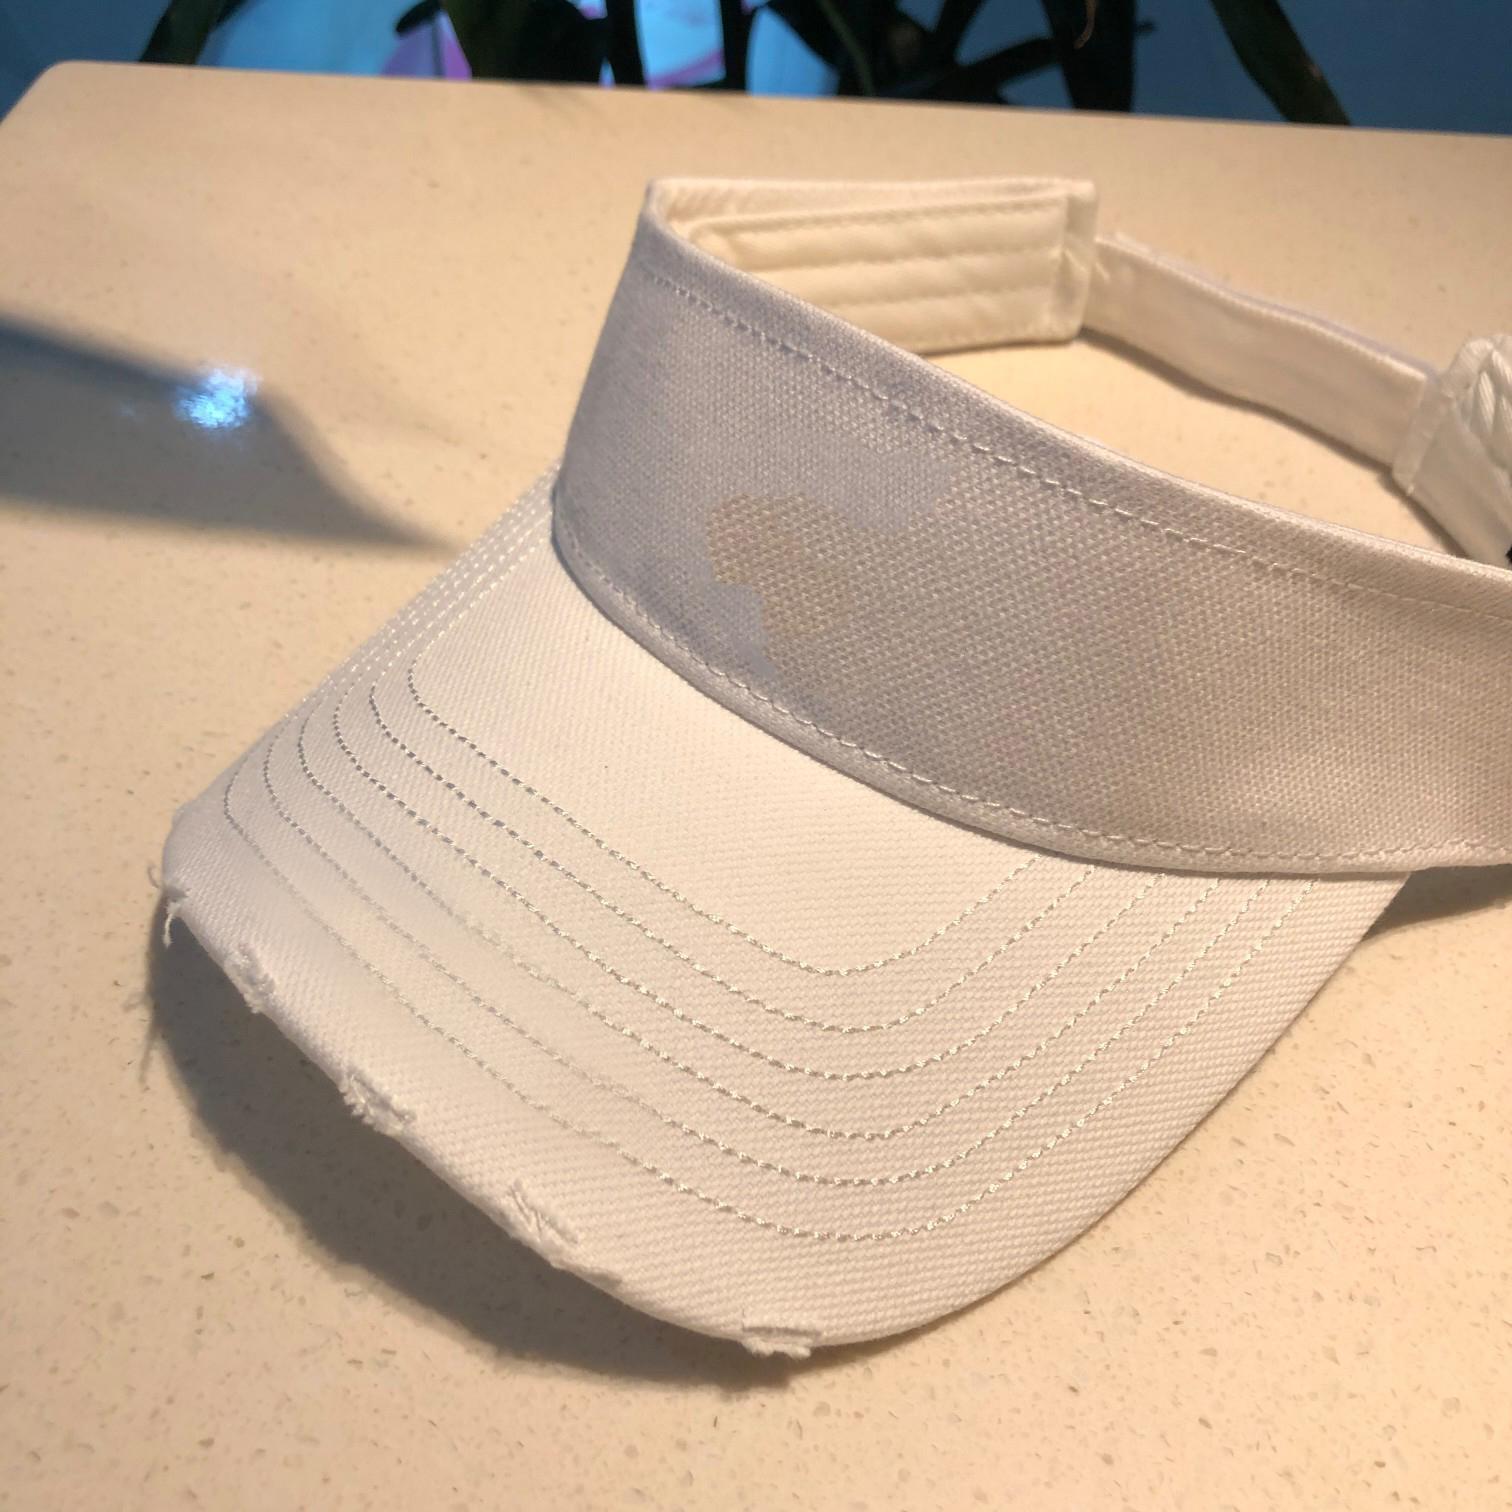 Carta vacía top gorra casual verano visera sol hombre diseño sombrero deportes mujeres golf tenis al aire libre playa diadema snapback béisbol sombreros gorr